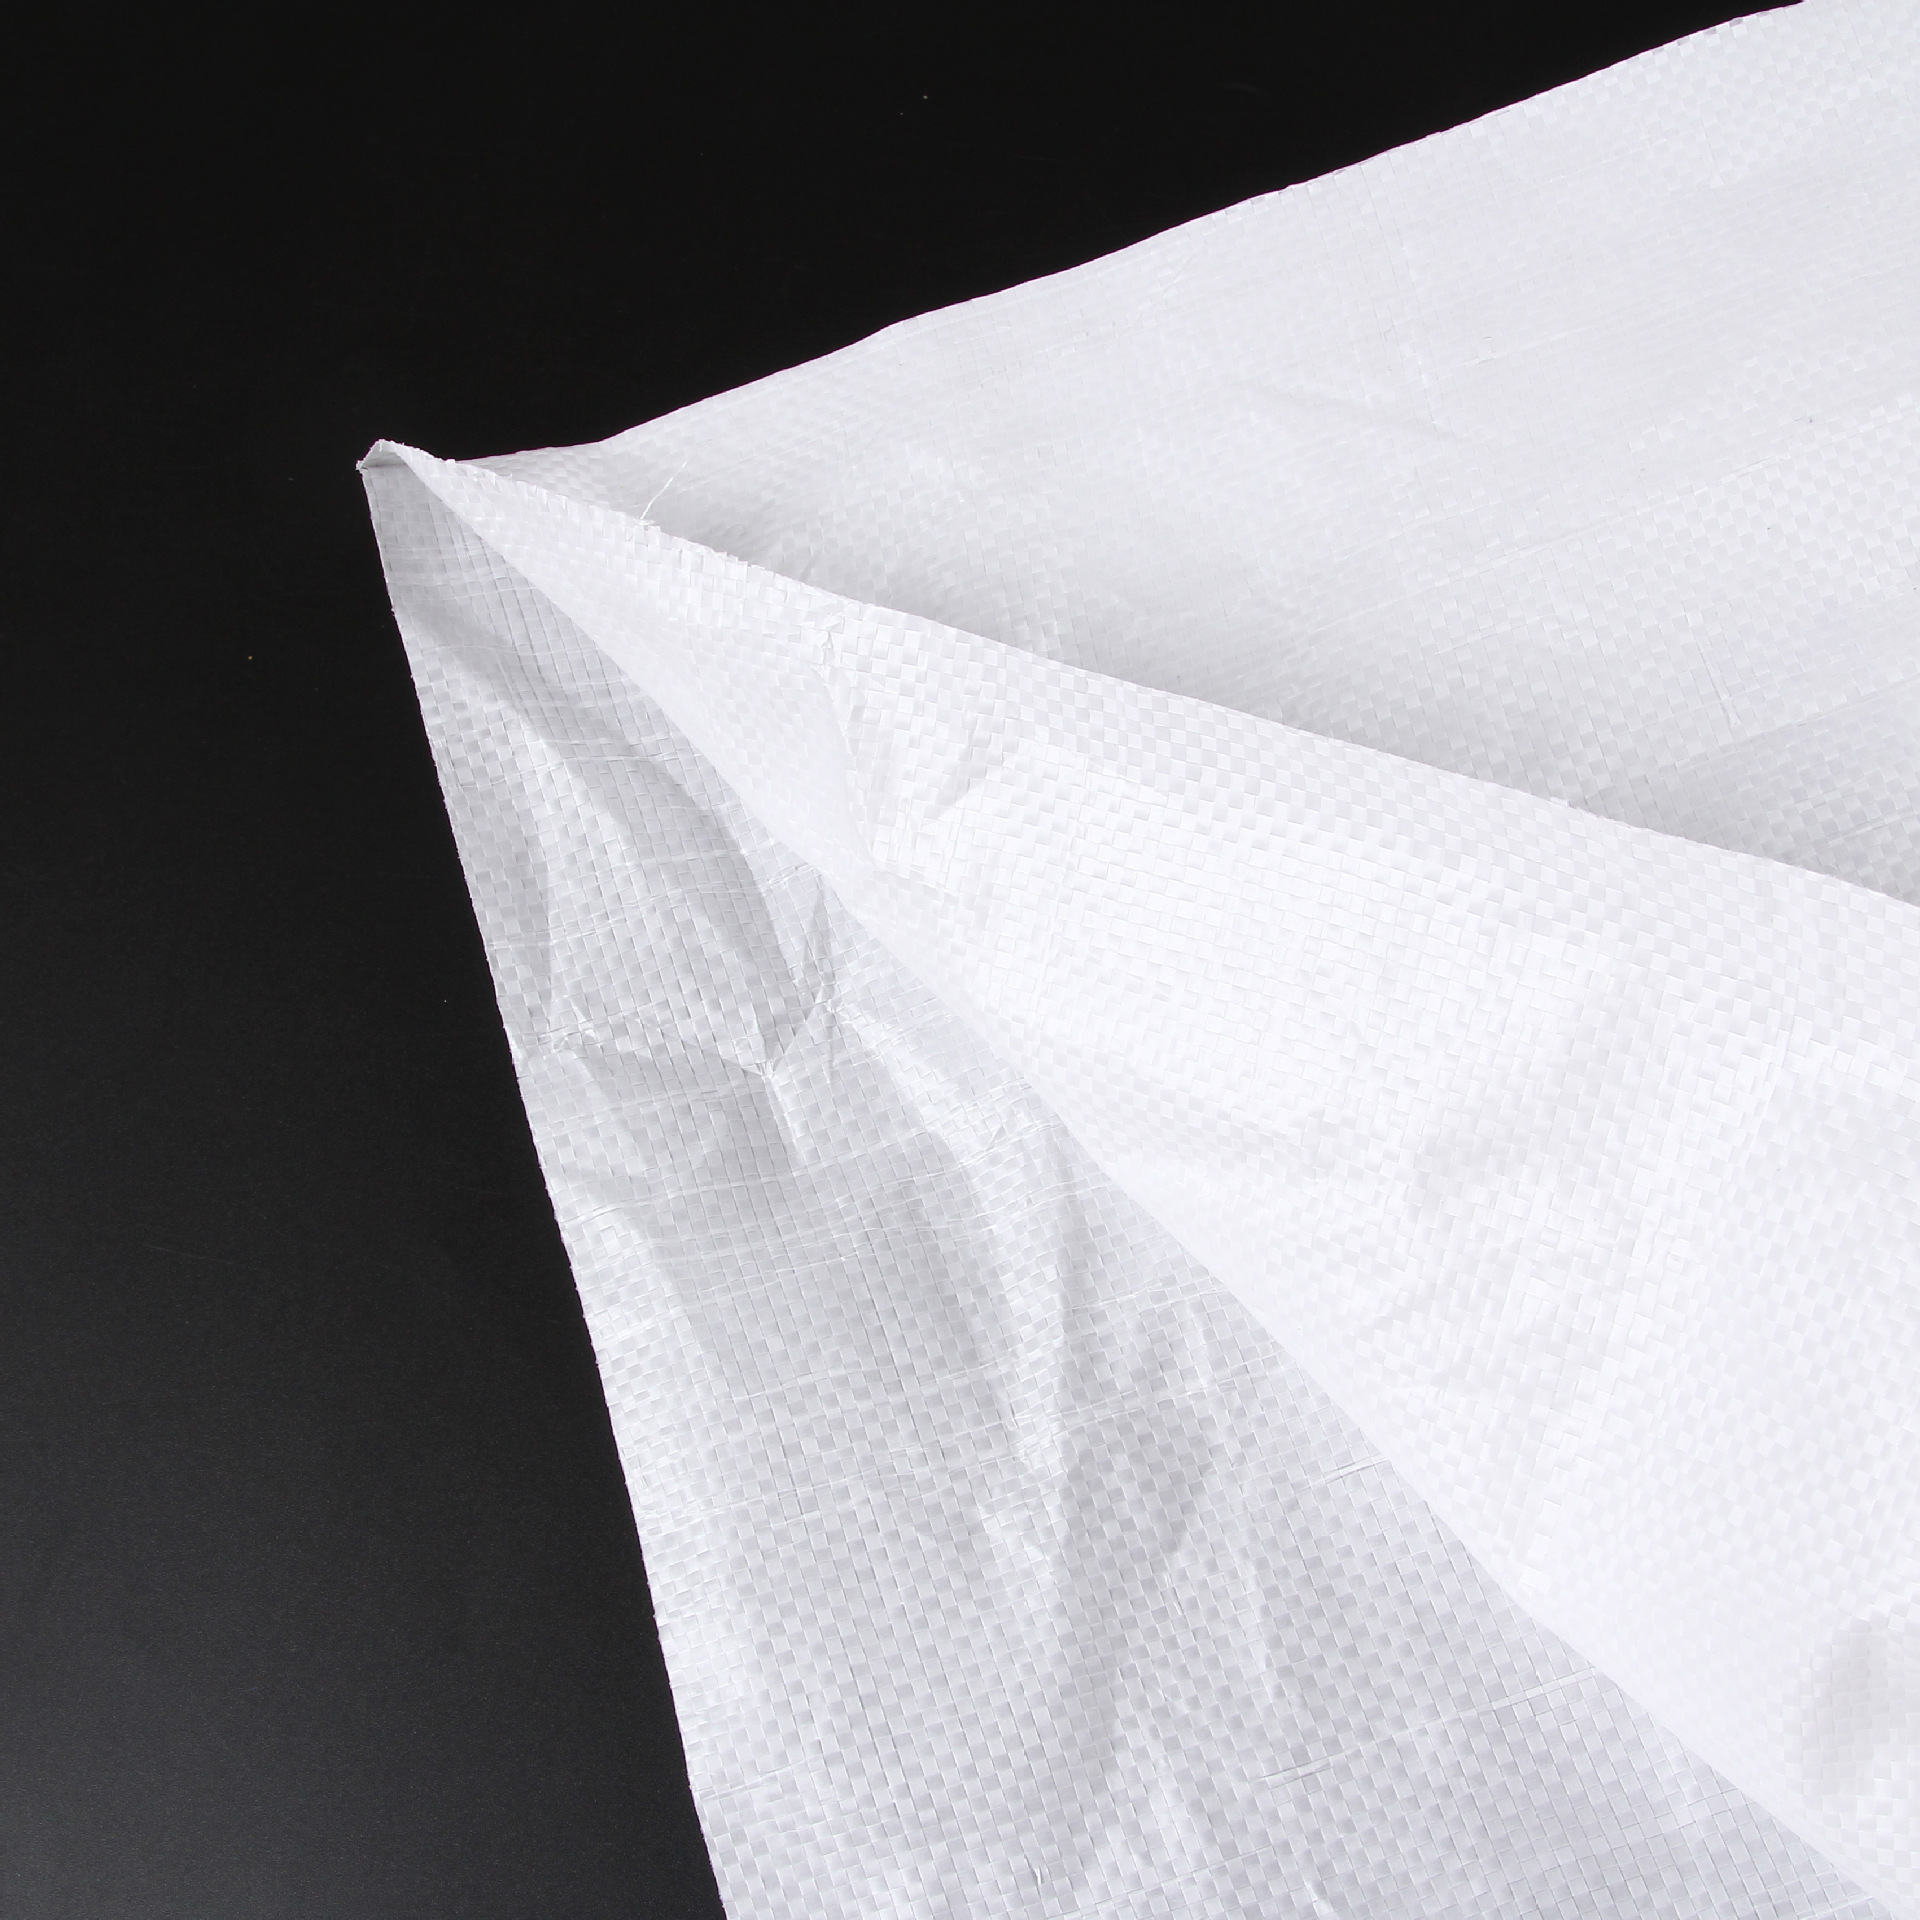 Bao dệt Túi dệt tại chỗ nhựa PP Túi dệt trắng đốm rắn da túi tùy chỉnh in Túi dày dệt túi